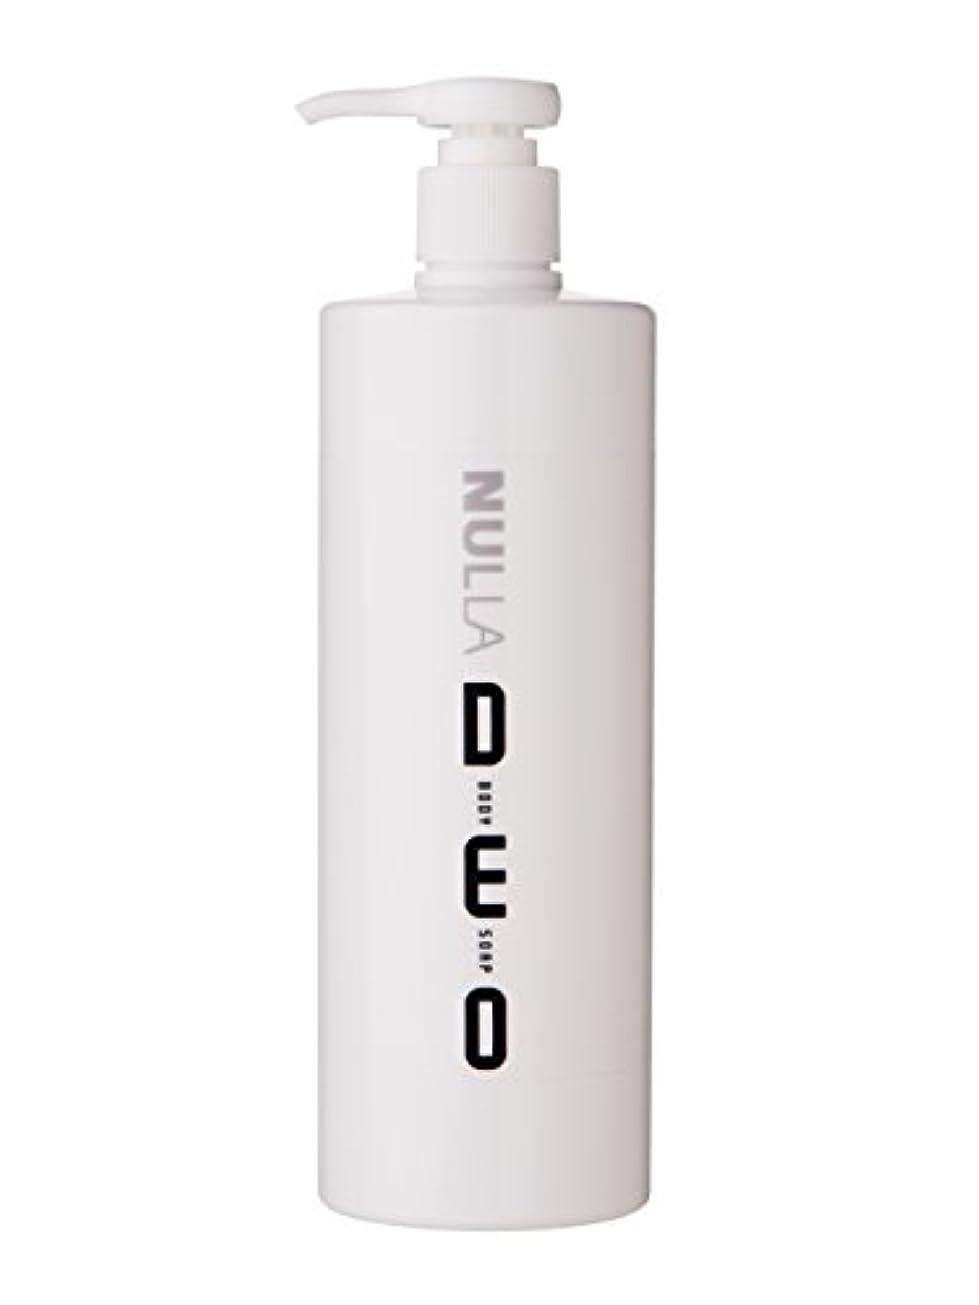 勤勉区別日没NULLA(ヌーラ) ヌーラデオ ボディソープ [ニオイ菌を抑制] 500ml 日本製 加齢臭 体臭 対策 シャボンの香り